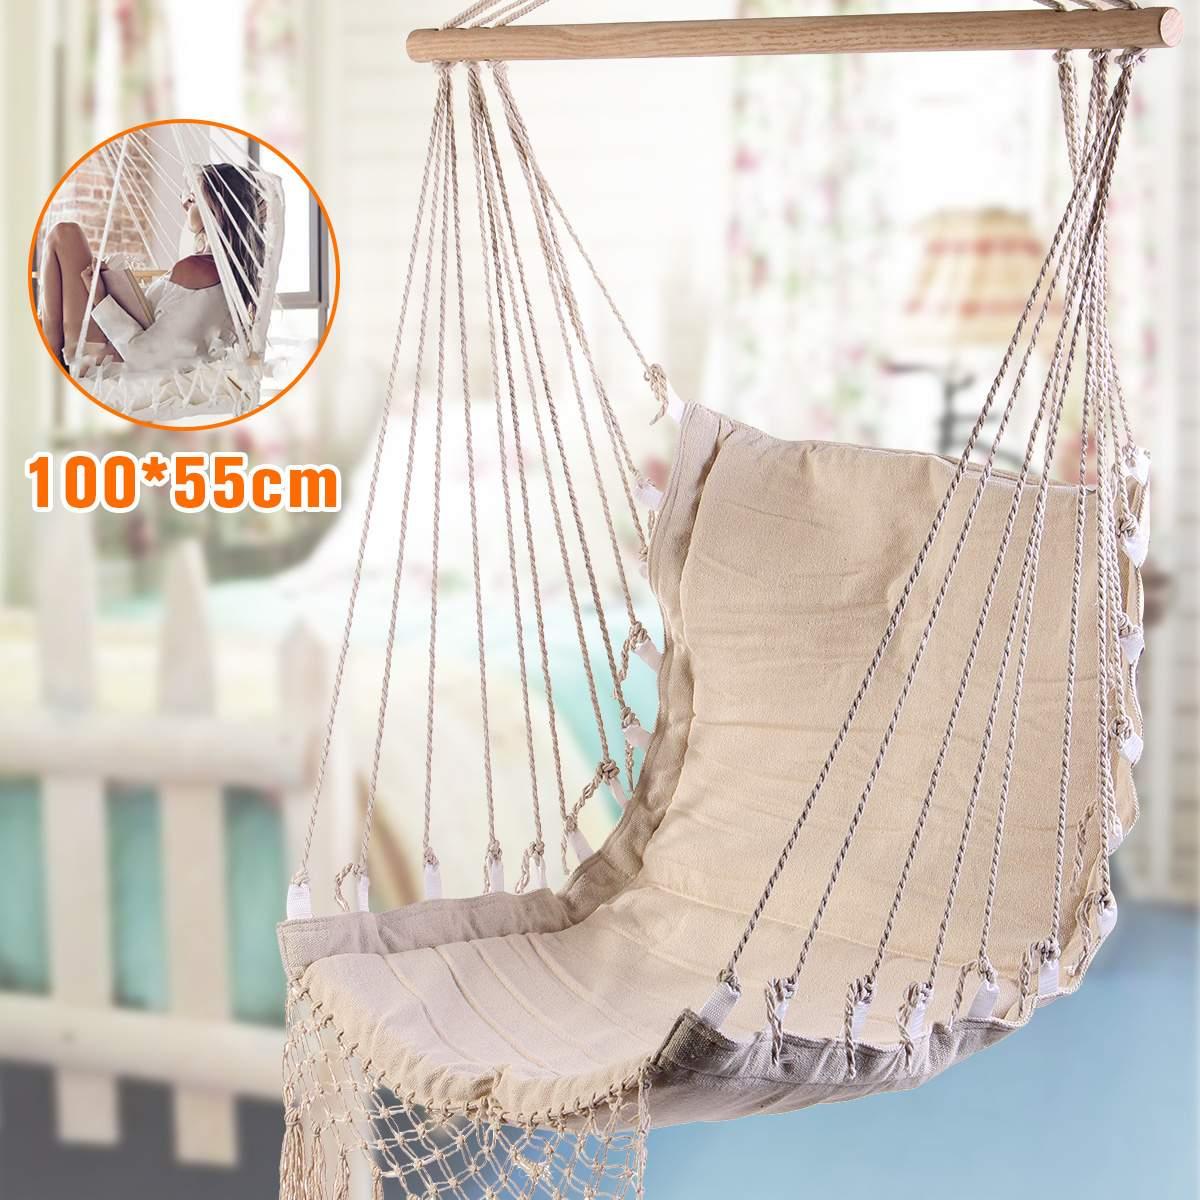 100x55cm Deluxe Hanging Hammock Swing Garden Indoor Outdoor Camping Hanging Chair With Wooden Rod